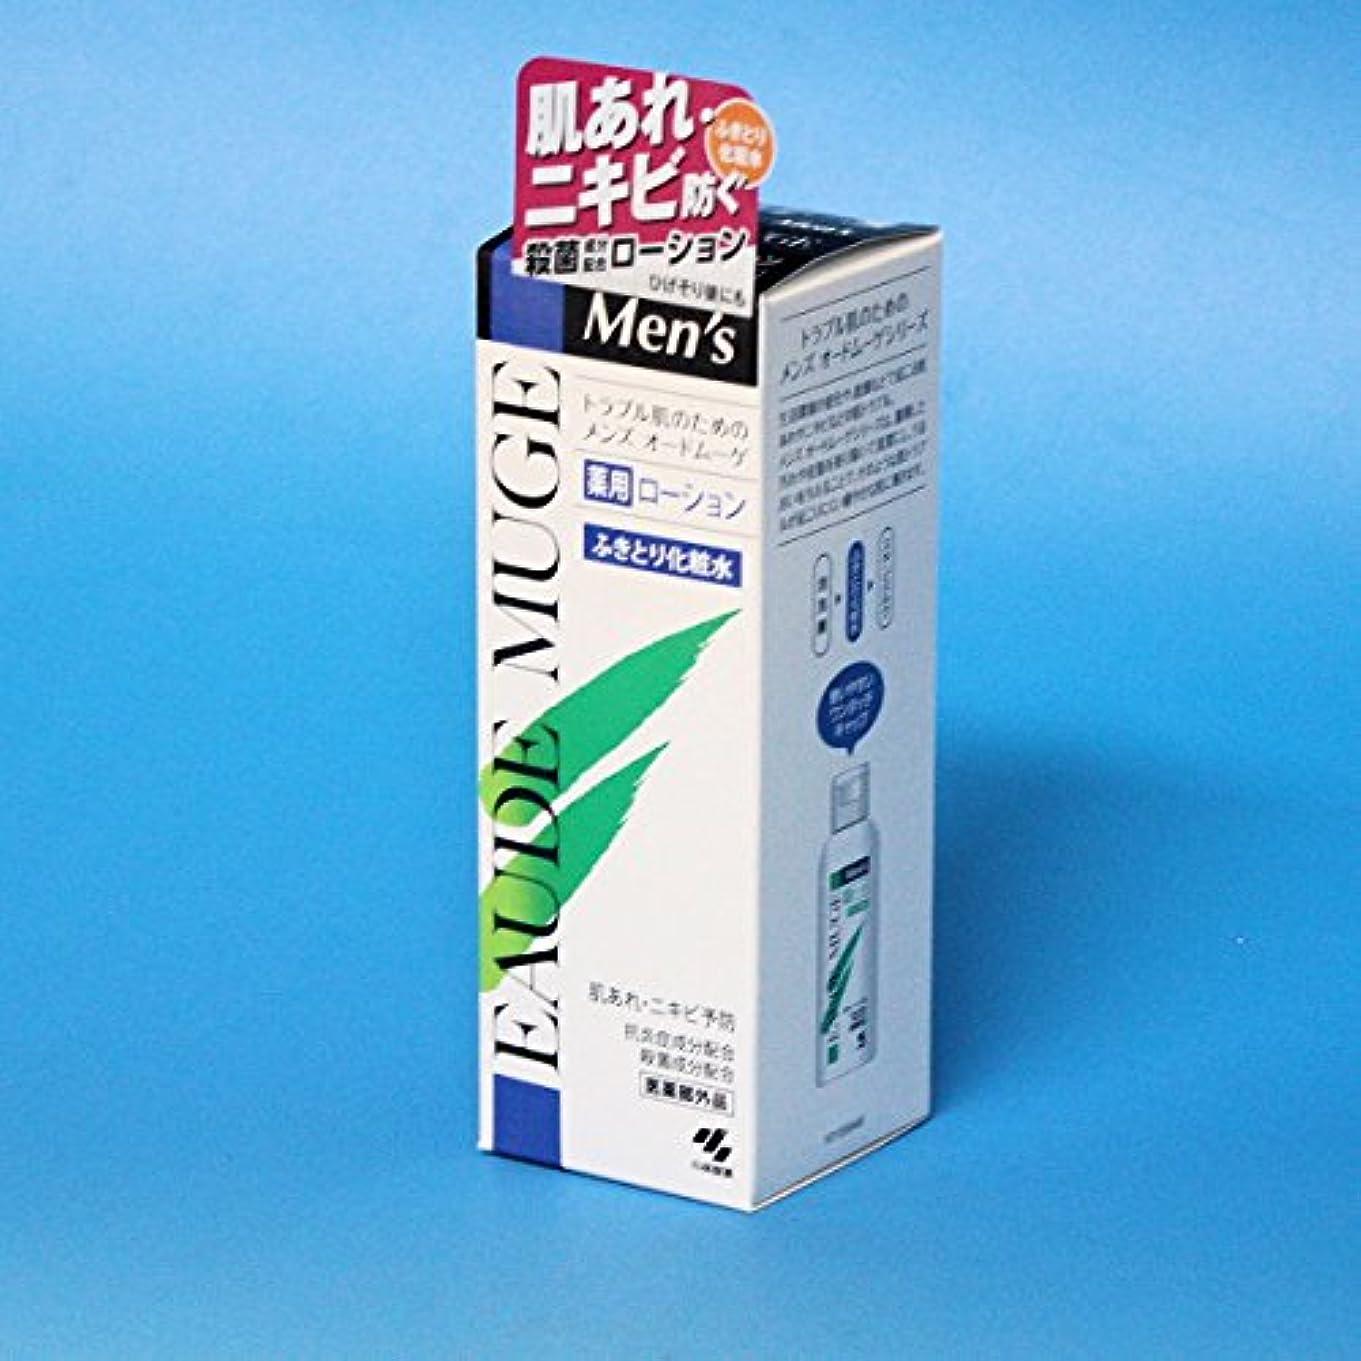 平和ストレージふつうメンズ オードムーゲ薬用ローション ふき取り化粧水 160ml